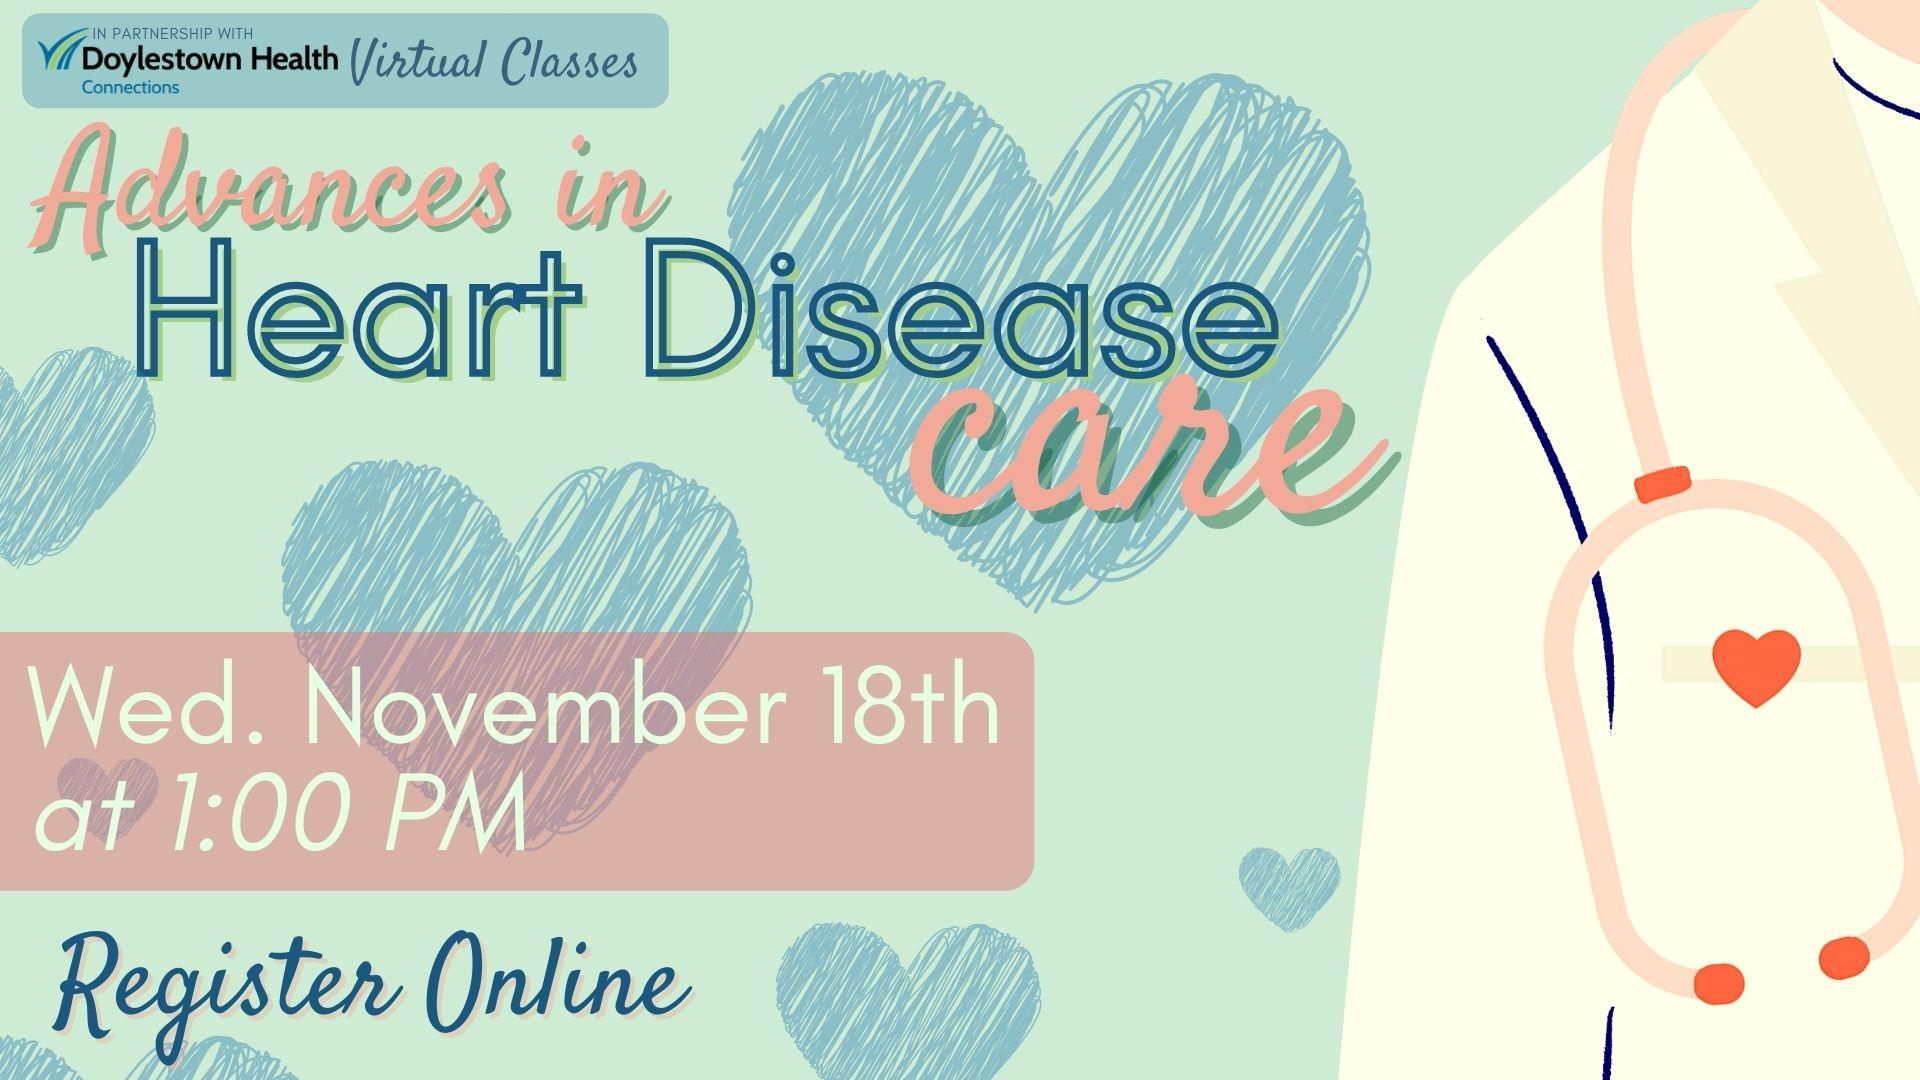 Advances in Heart Disease Care (Webinar)